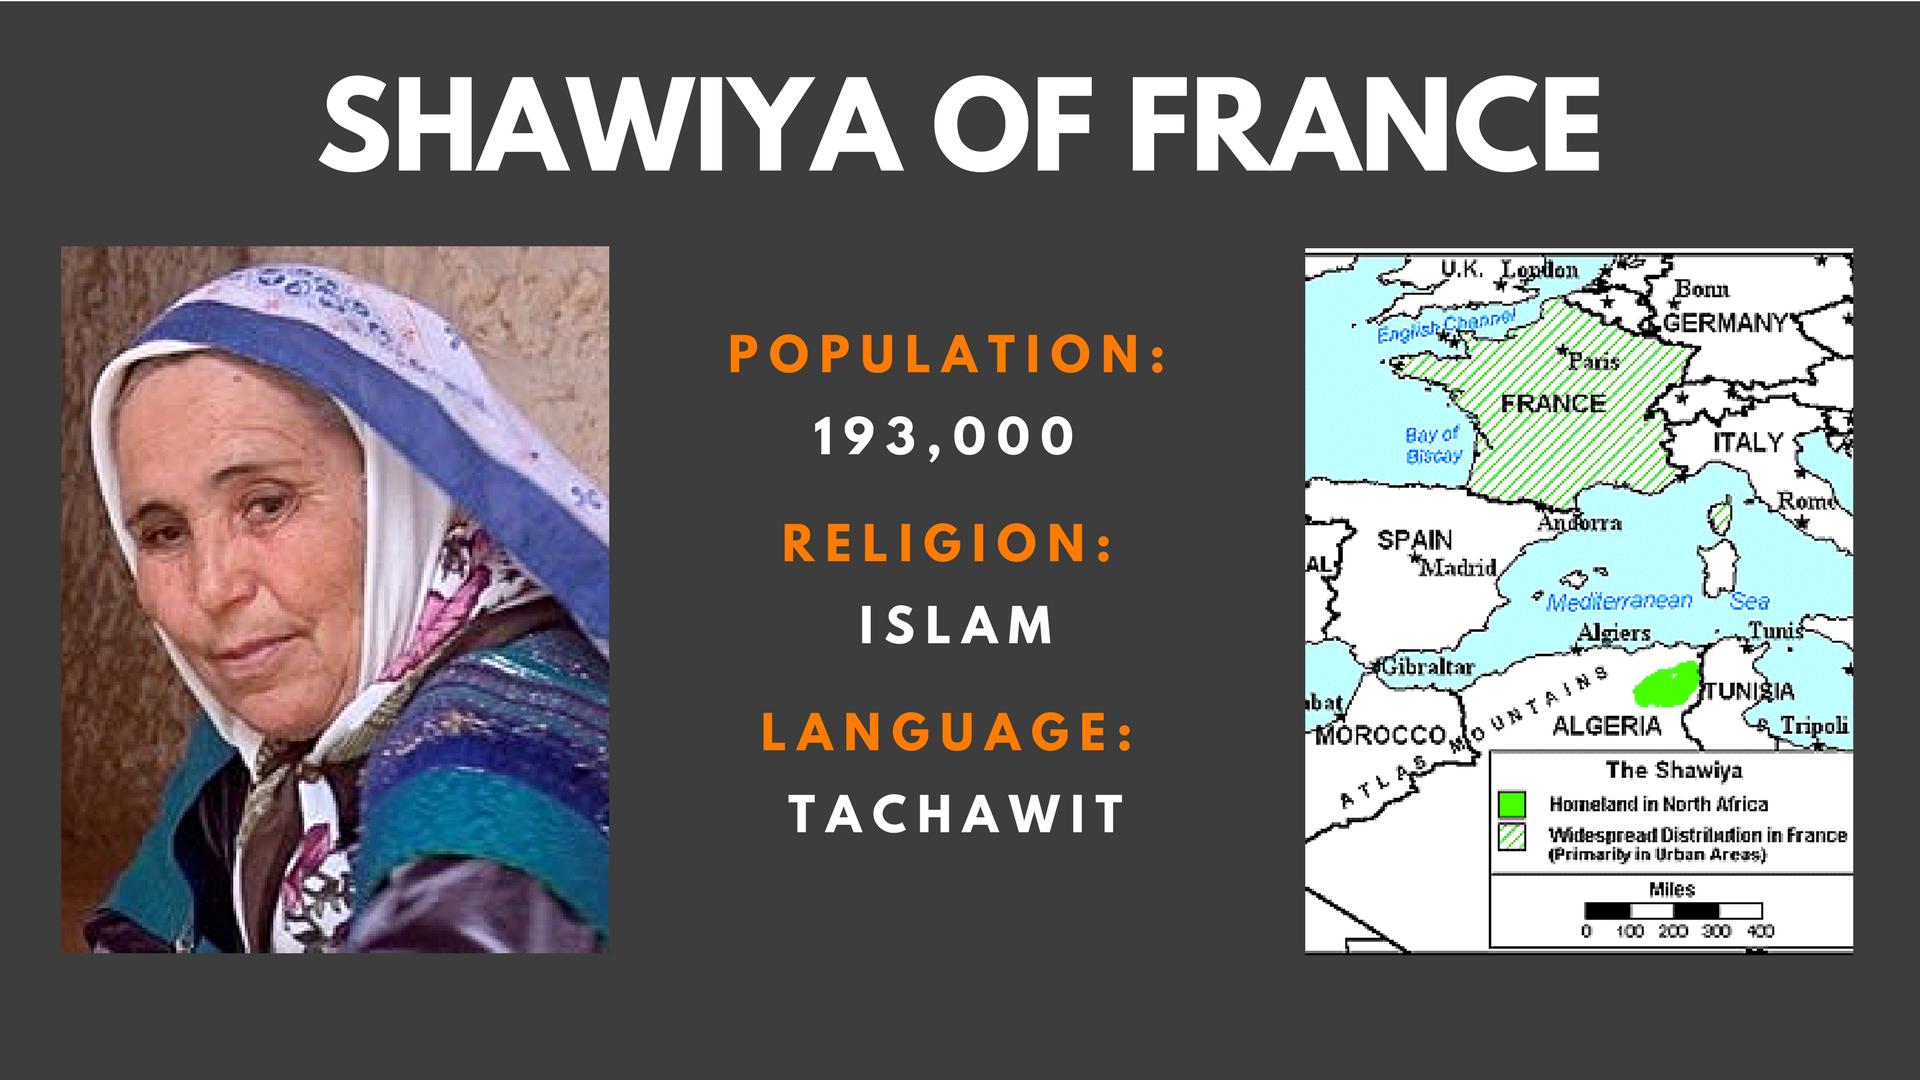 Shawiya